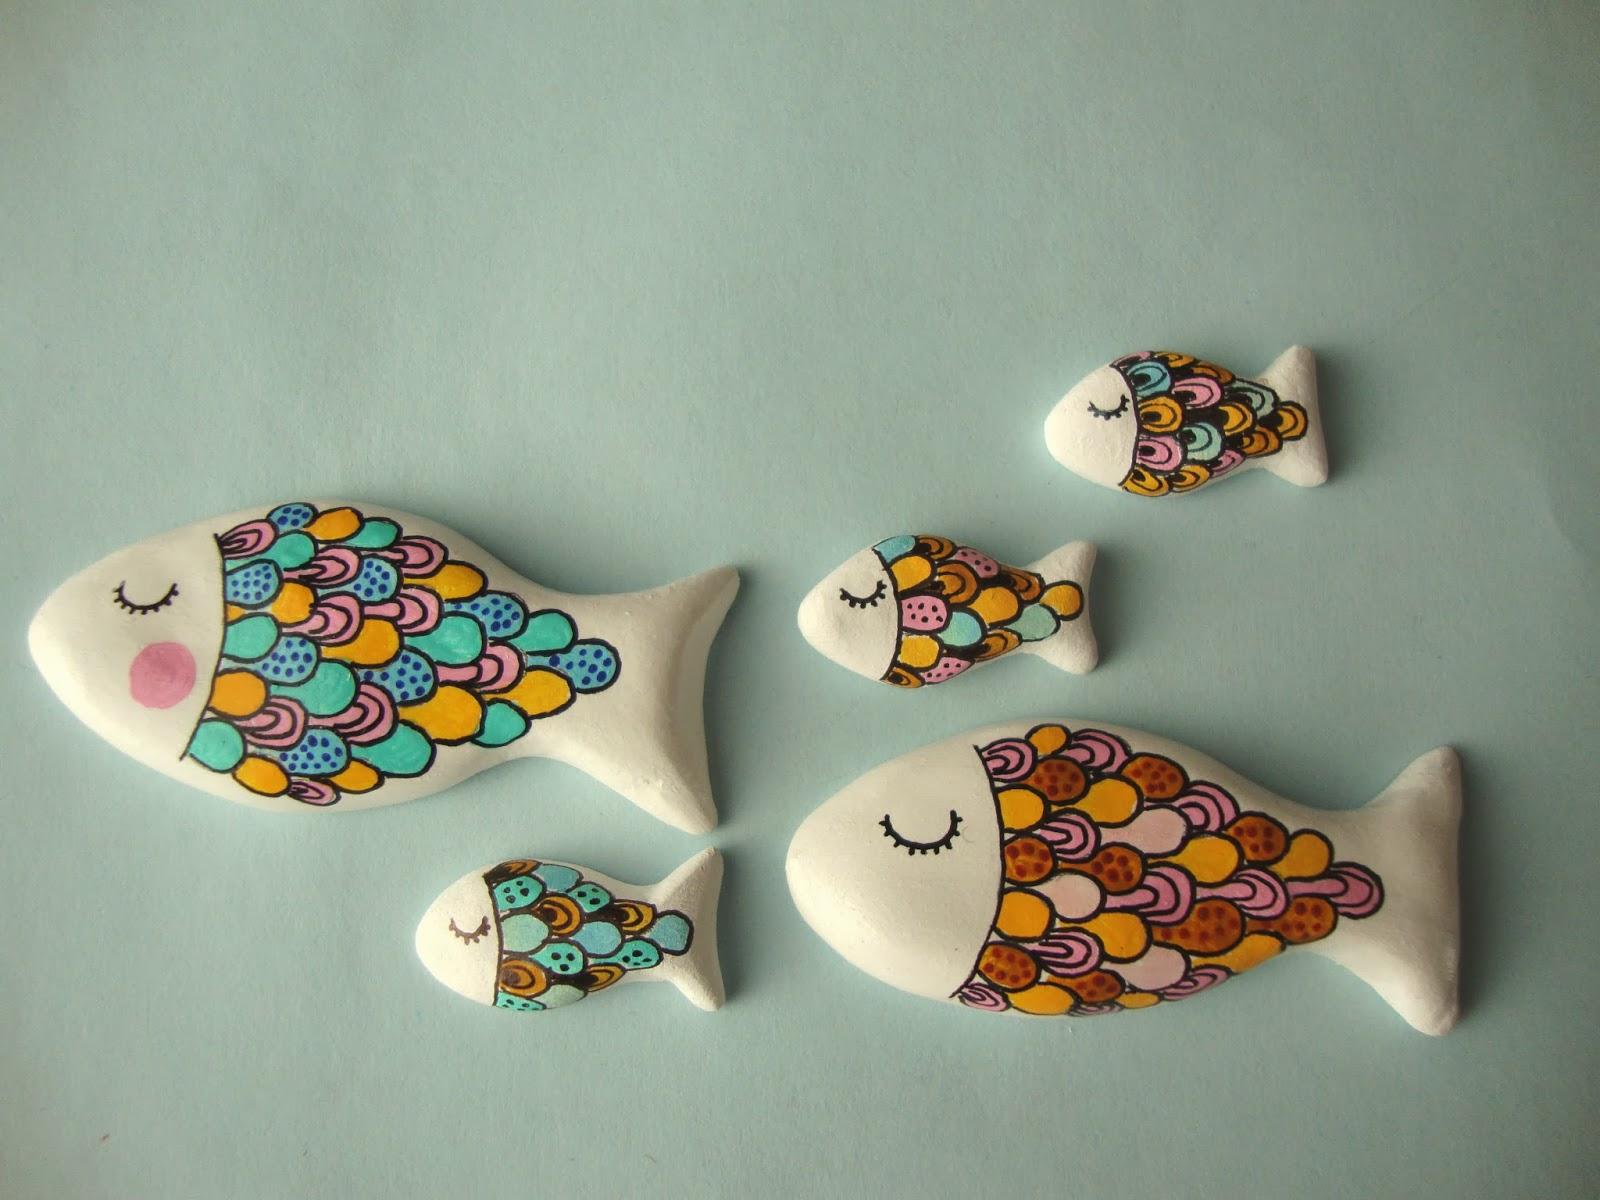 Brocheteando broche pez pasta de modelar - Pasta para modelar manualidades ...